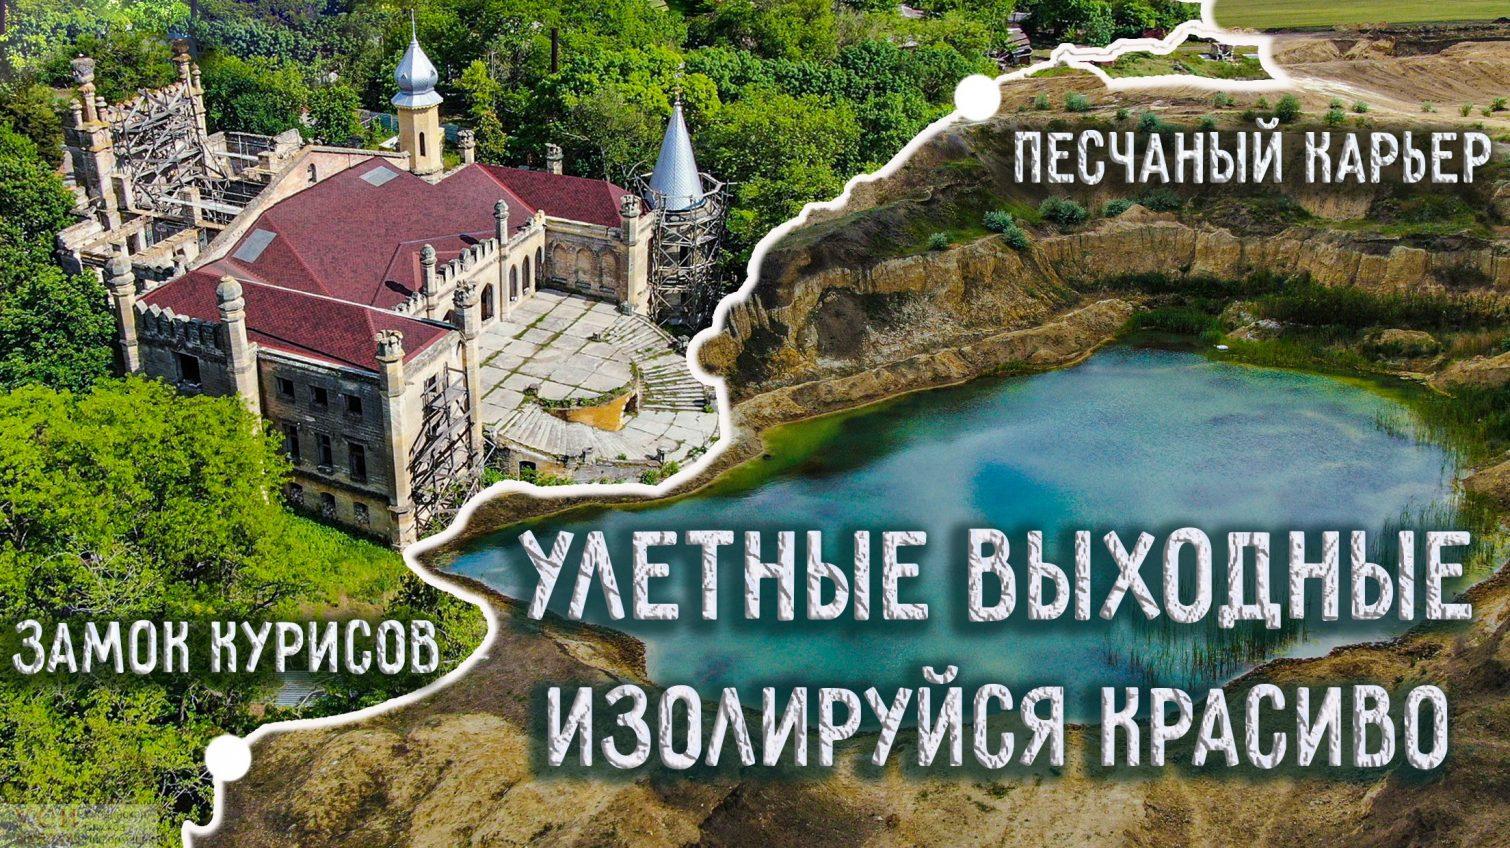 Улетные выходные: озеро на дне карьера и замок Курисов (видео) «фото»